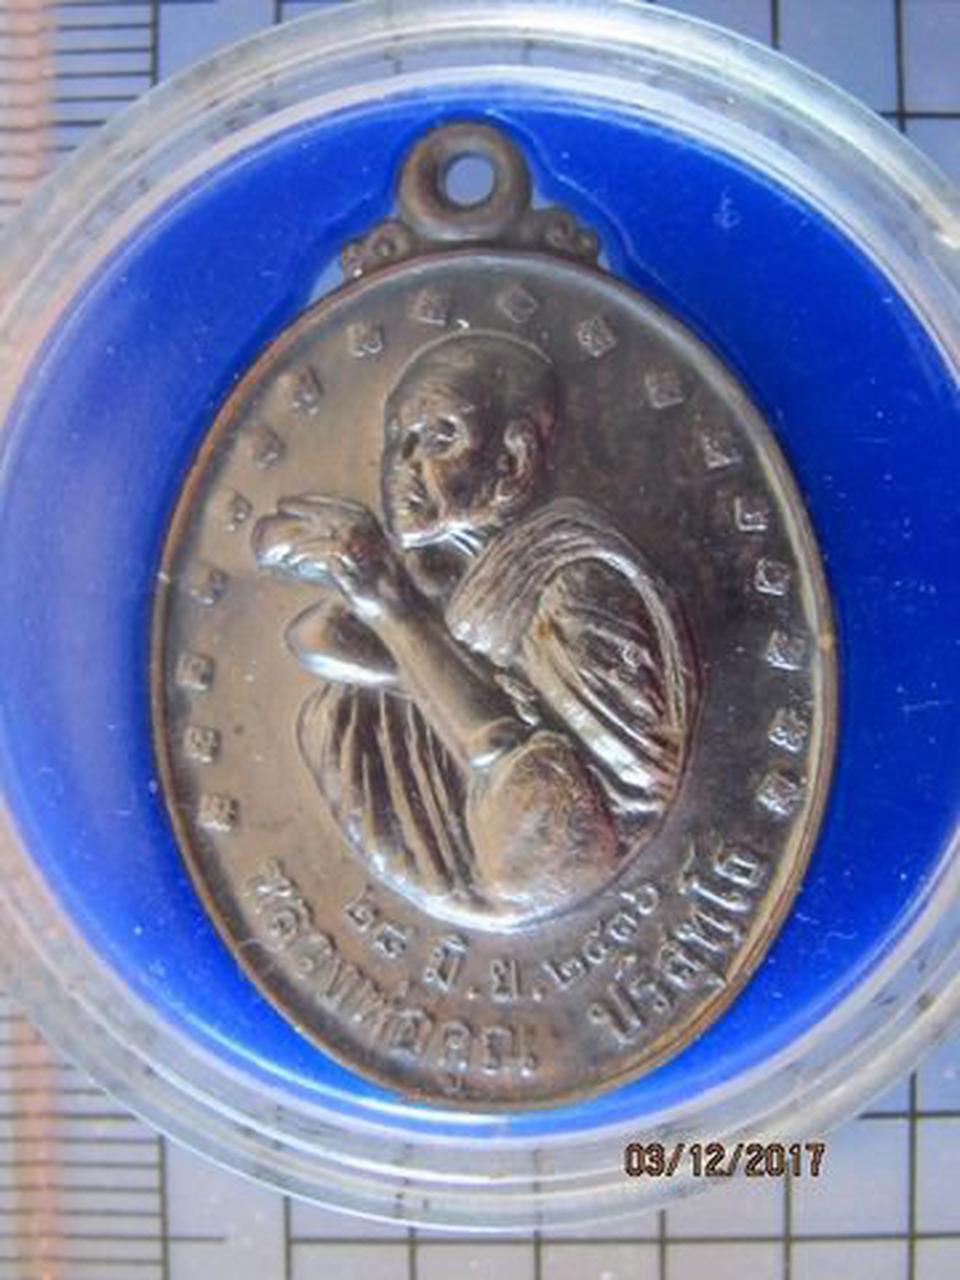 4970 เหรียญหลวงพ่อคูณ ปริสุทโธ วัดบ้านไร่ ปี 2536 รุ่นรับเสด รูปที่ 2